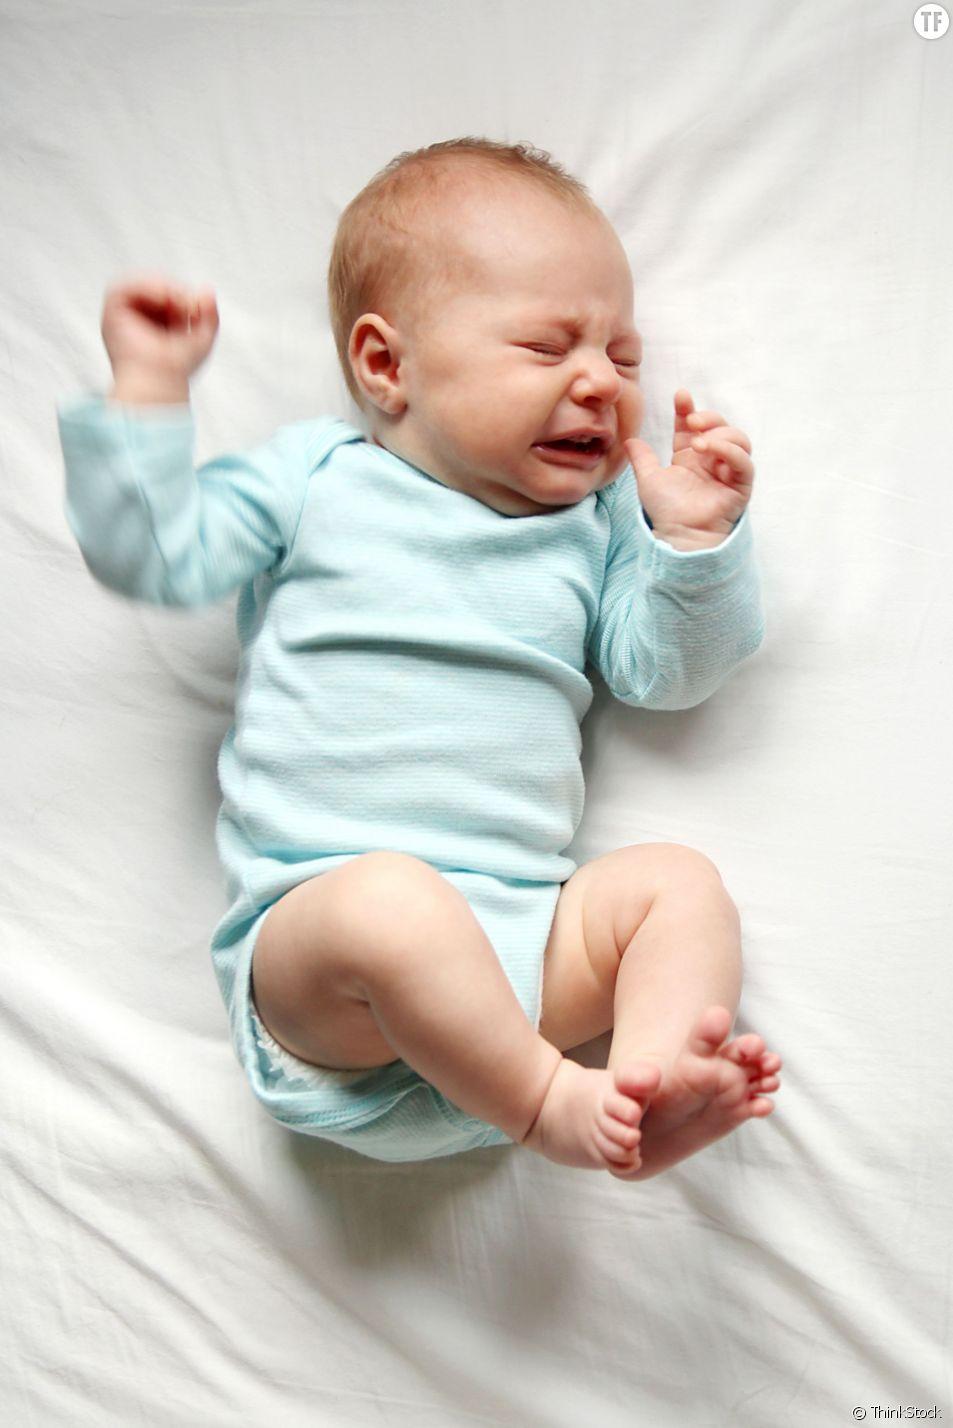 Comment faire pour calmer un bébé qui pleure ?